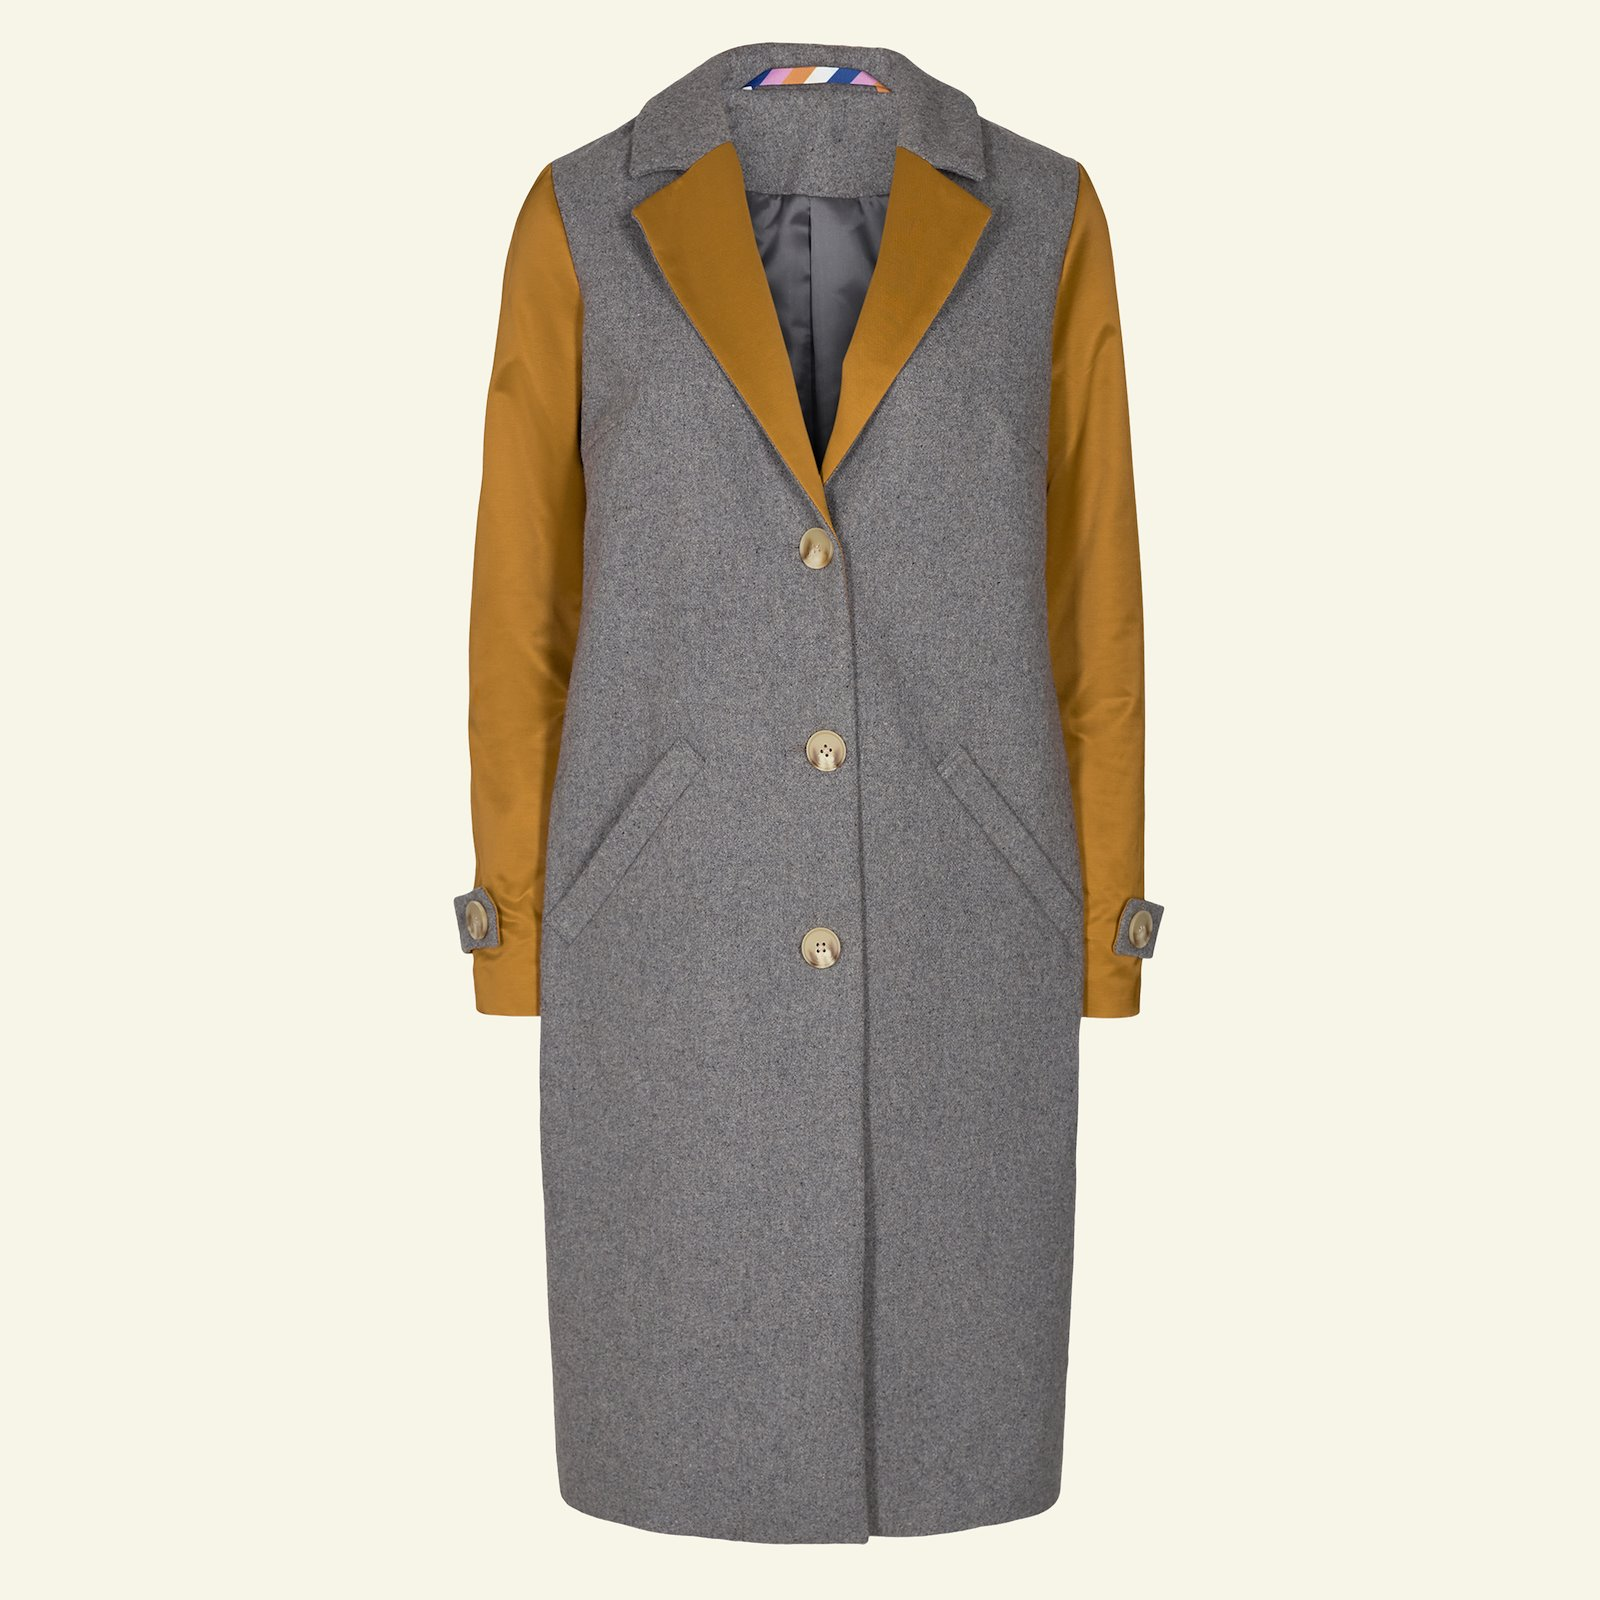 Long coat, 44/16 p24041_300130_450818_5005_40239_21338_sskit